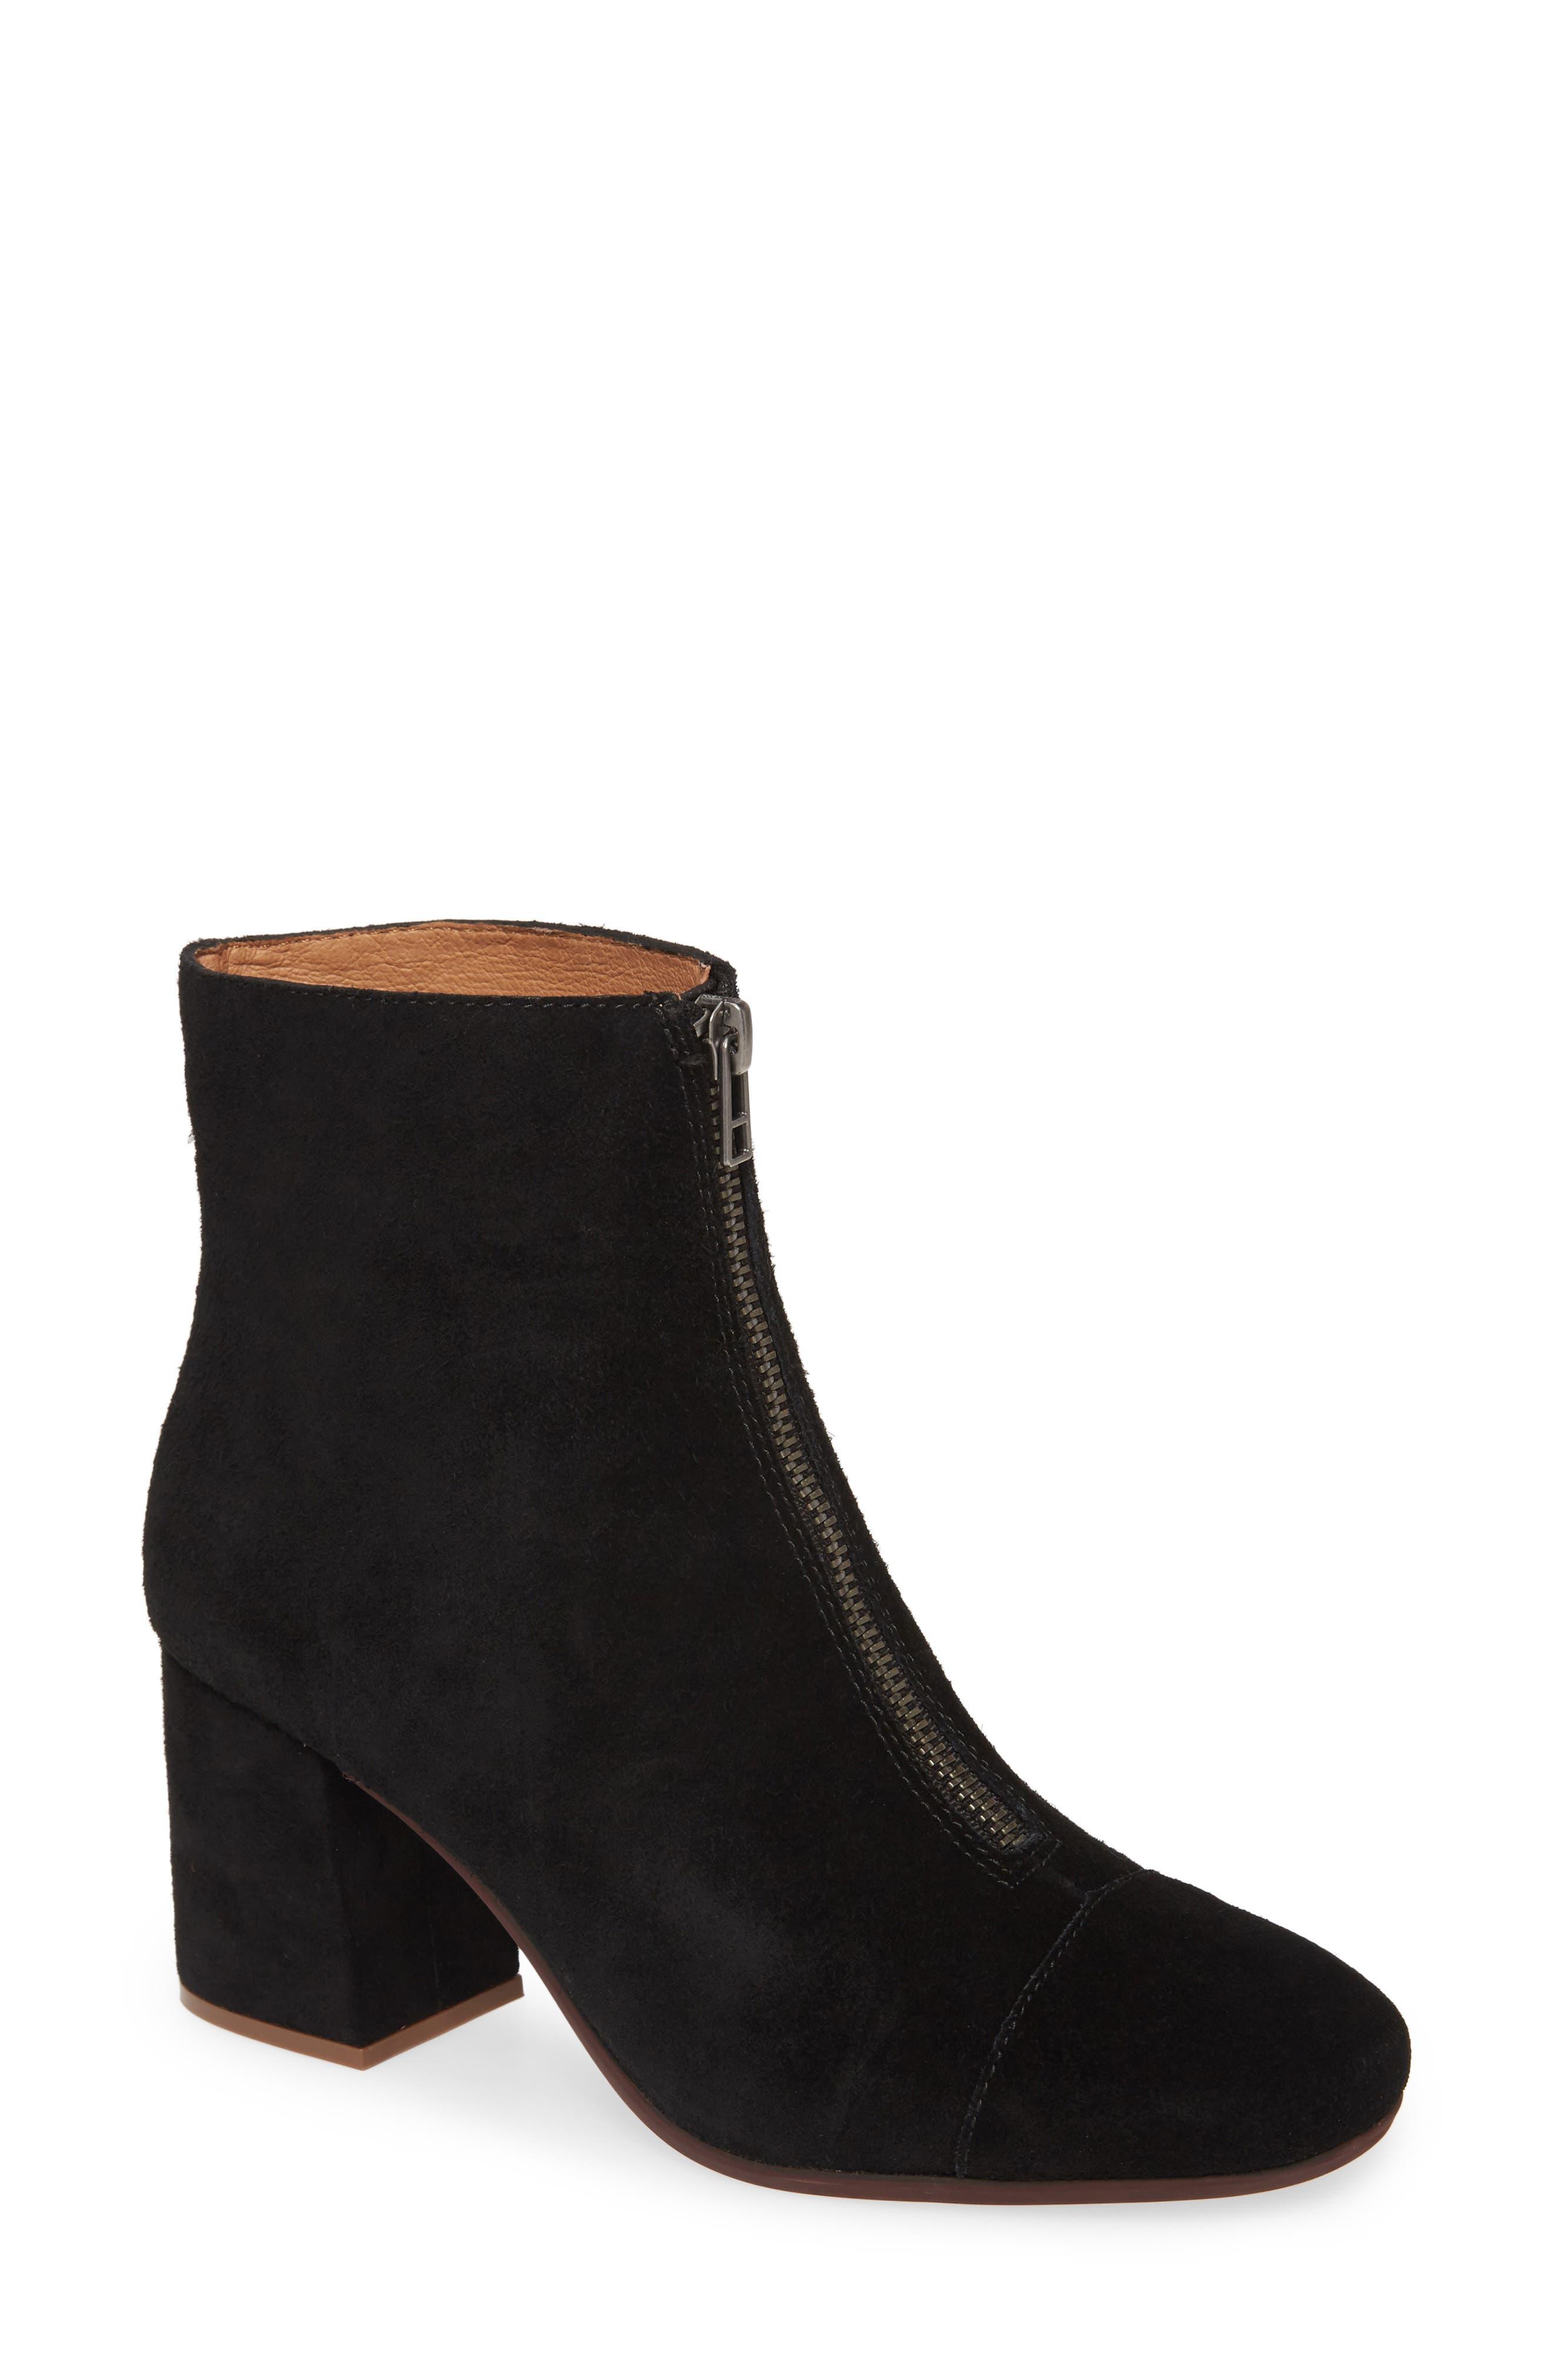 Image of Madewell The Amalia Zip Suede Boot